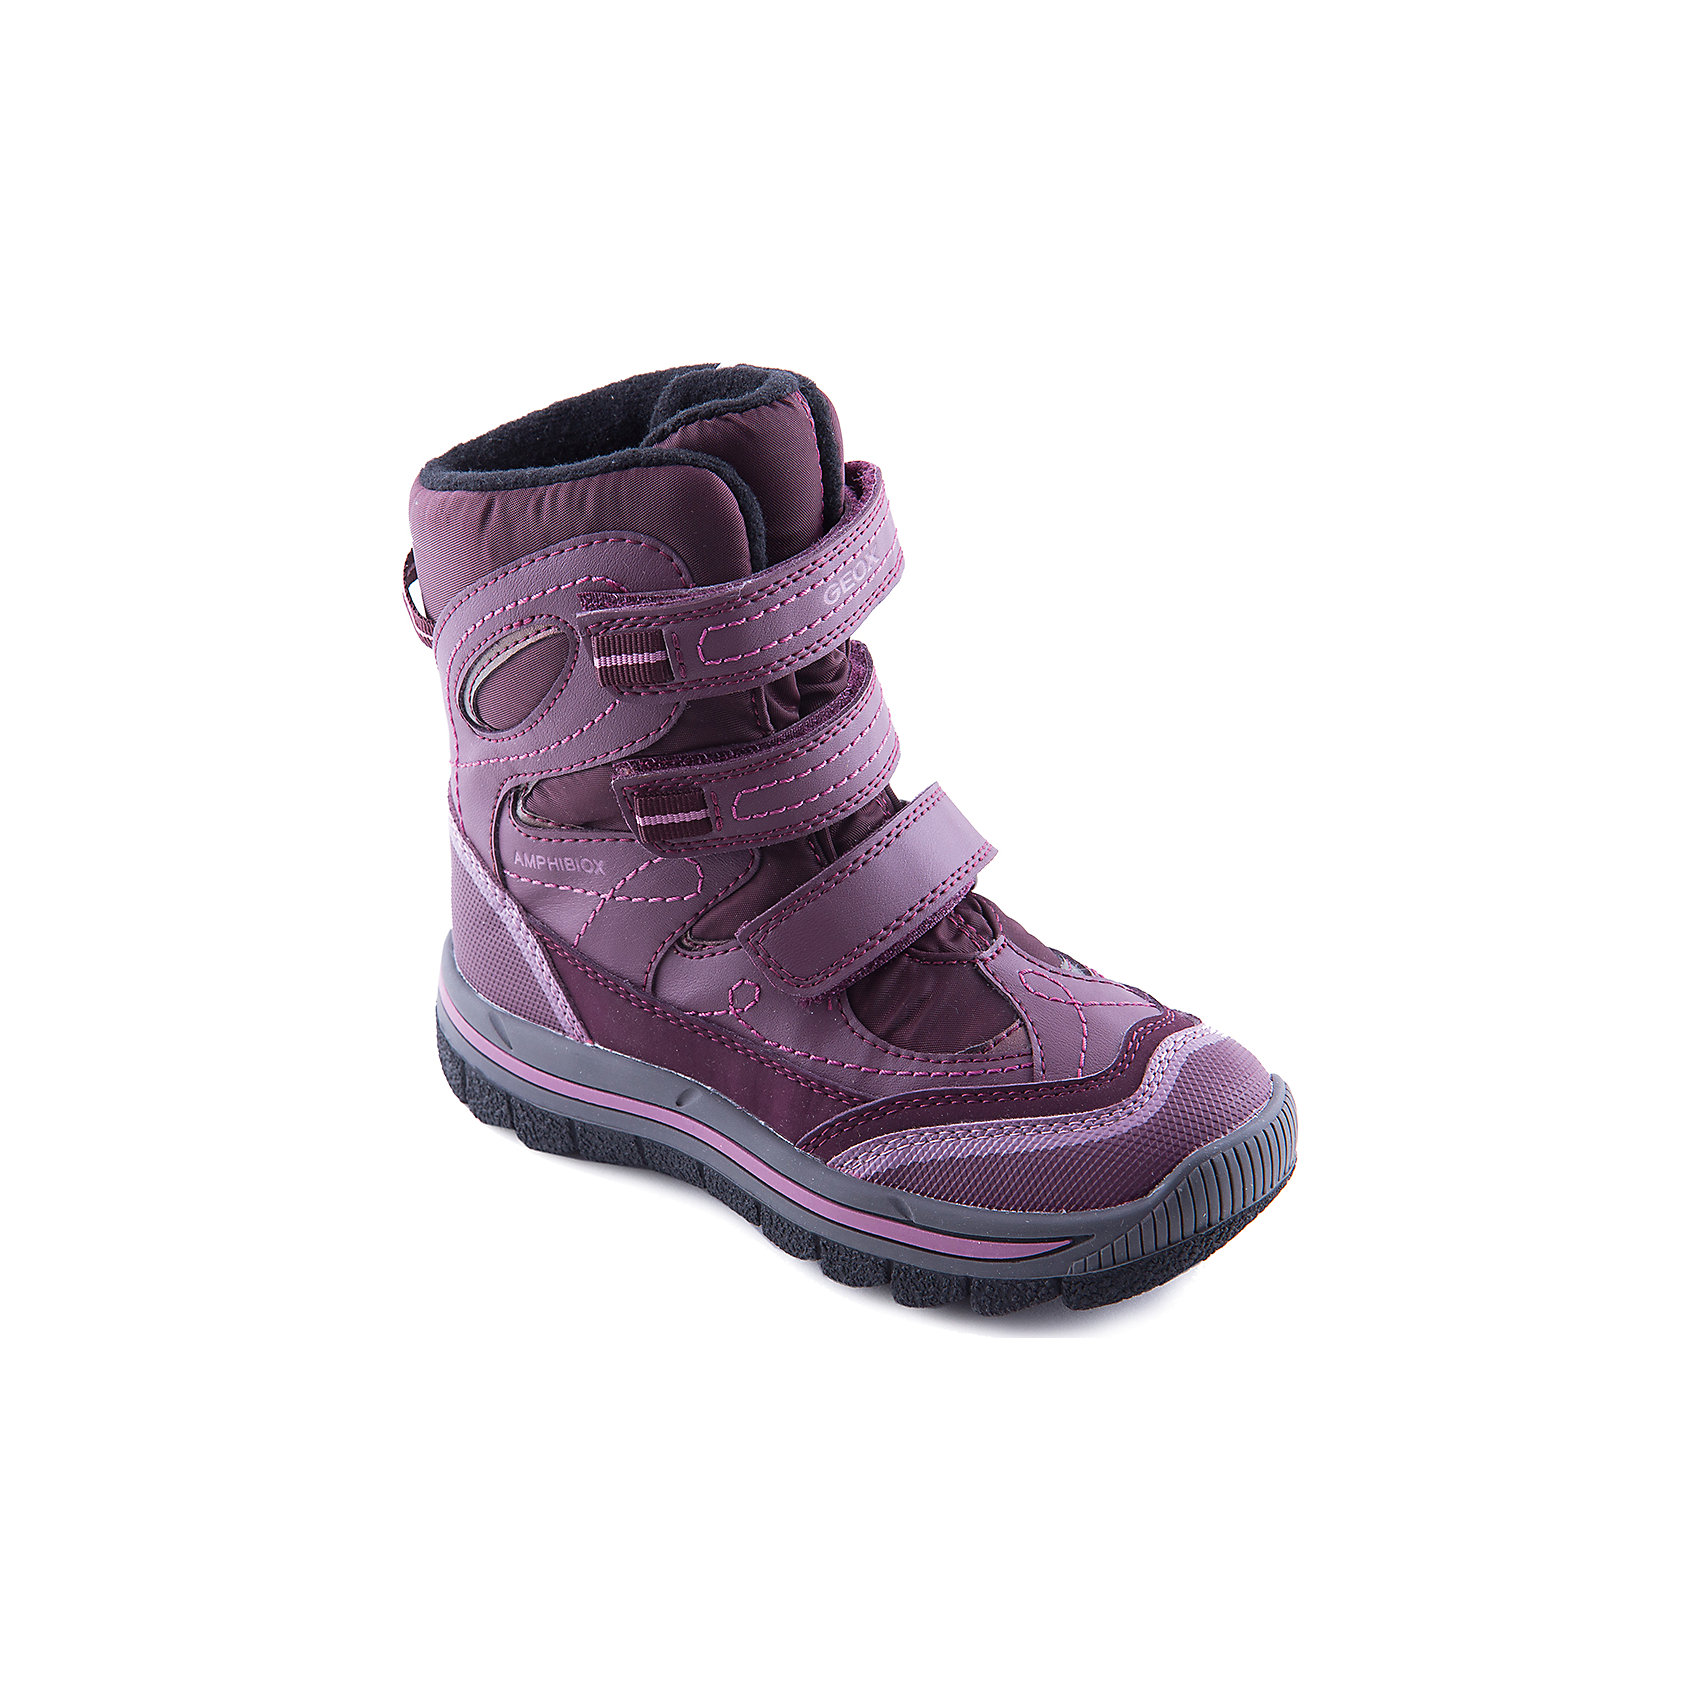 Ботинки для девочки GeoxБотинки<br>Сапоги для девочки от популярной марки GEOX.<br>Теплые черные сапоги с яркими вставками сделаны по уникальной технологии. Производитель обуви GEOX разработал специальную дышащую подошву, которая не пропускает влагу внутрь, а также высокотехнологичную стельку. При производстве этих полусапожек была задействована технология Amphibiox, делающая обувь непромокаемой. <br>Отличительные особенности модели:<br>- гибкая водоотталкивающая подошва с дышащей мембраной;<br>- утепленная стелька;<br>- мягкий и легкий верх;<br>- защита пятки и пальцев;<br>- эргономичная форма;<br>- удобная застежка-липучка;<br>- комфортное облегание;<br>- ударопрочная антибактериальная стелька;<br>- защита от промокания - технология Amphibiox;<br>- верх обуви и подкладка сделаны без использования хрома.<br>Дополнительная информация:<br>- Температурный режим: от - 20° С  до + 5° С.<br>- Состав:<br>материал верха: синтетический материал, текстиль<br>материал подкладки: текстиль<br>подошва: полимер.<br>Сапоги для девочки GEOX (Геокс) можно купить в нашем магазине.<br><br>Ширина мм: 257<br>Глубина мм: 180<br>Высота мм: 130<br>Вес г: 420<br>Цвет: черный<br>Возраст от месяцев: 72<br>Возраст до месяцев: 84<br>Пол: Женский<br>Возраст: Детский<br>Размер: 30,28,35,32,36,34,33,31,29<br>SKU: 4178549